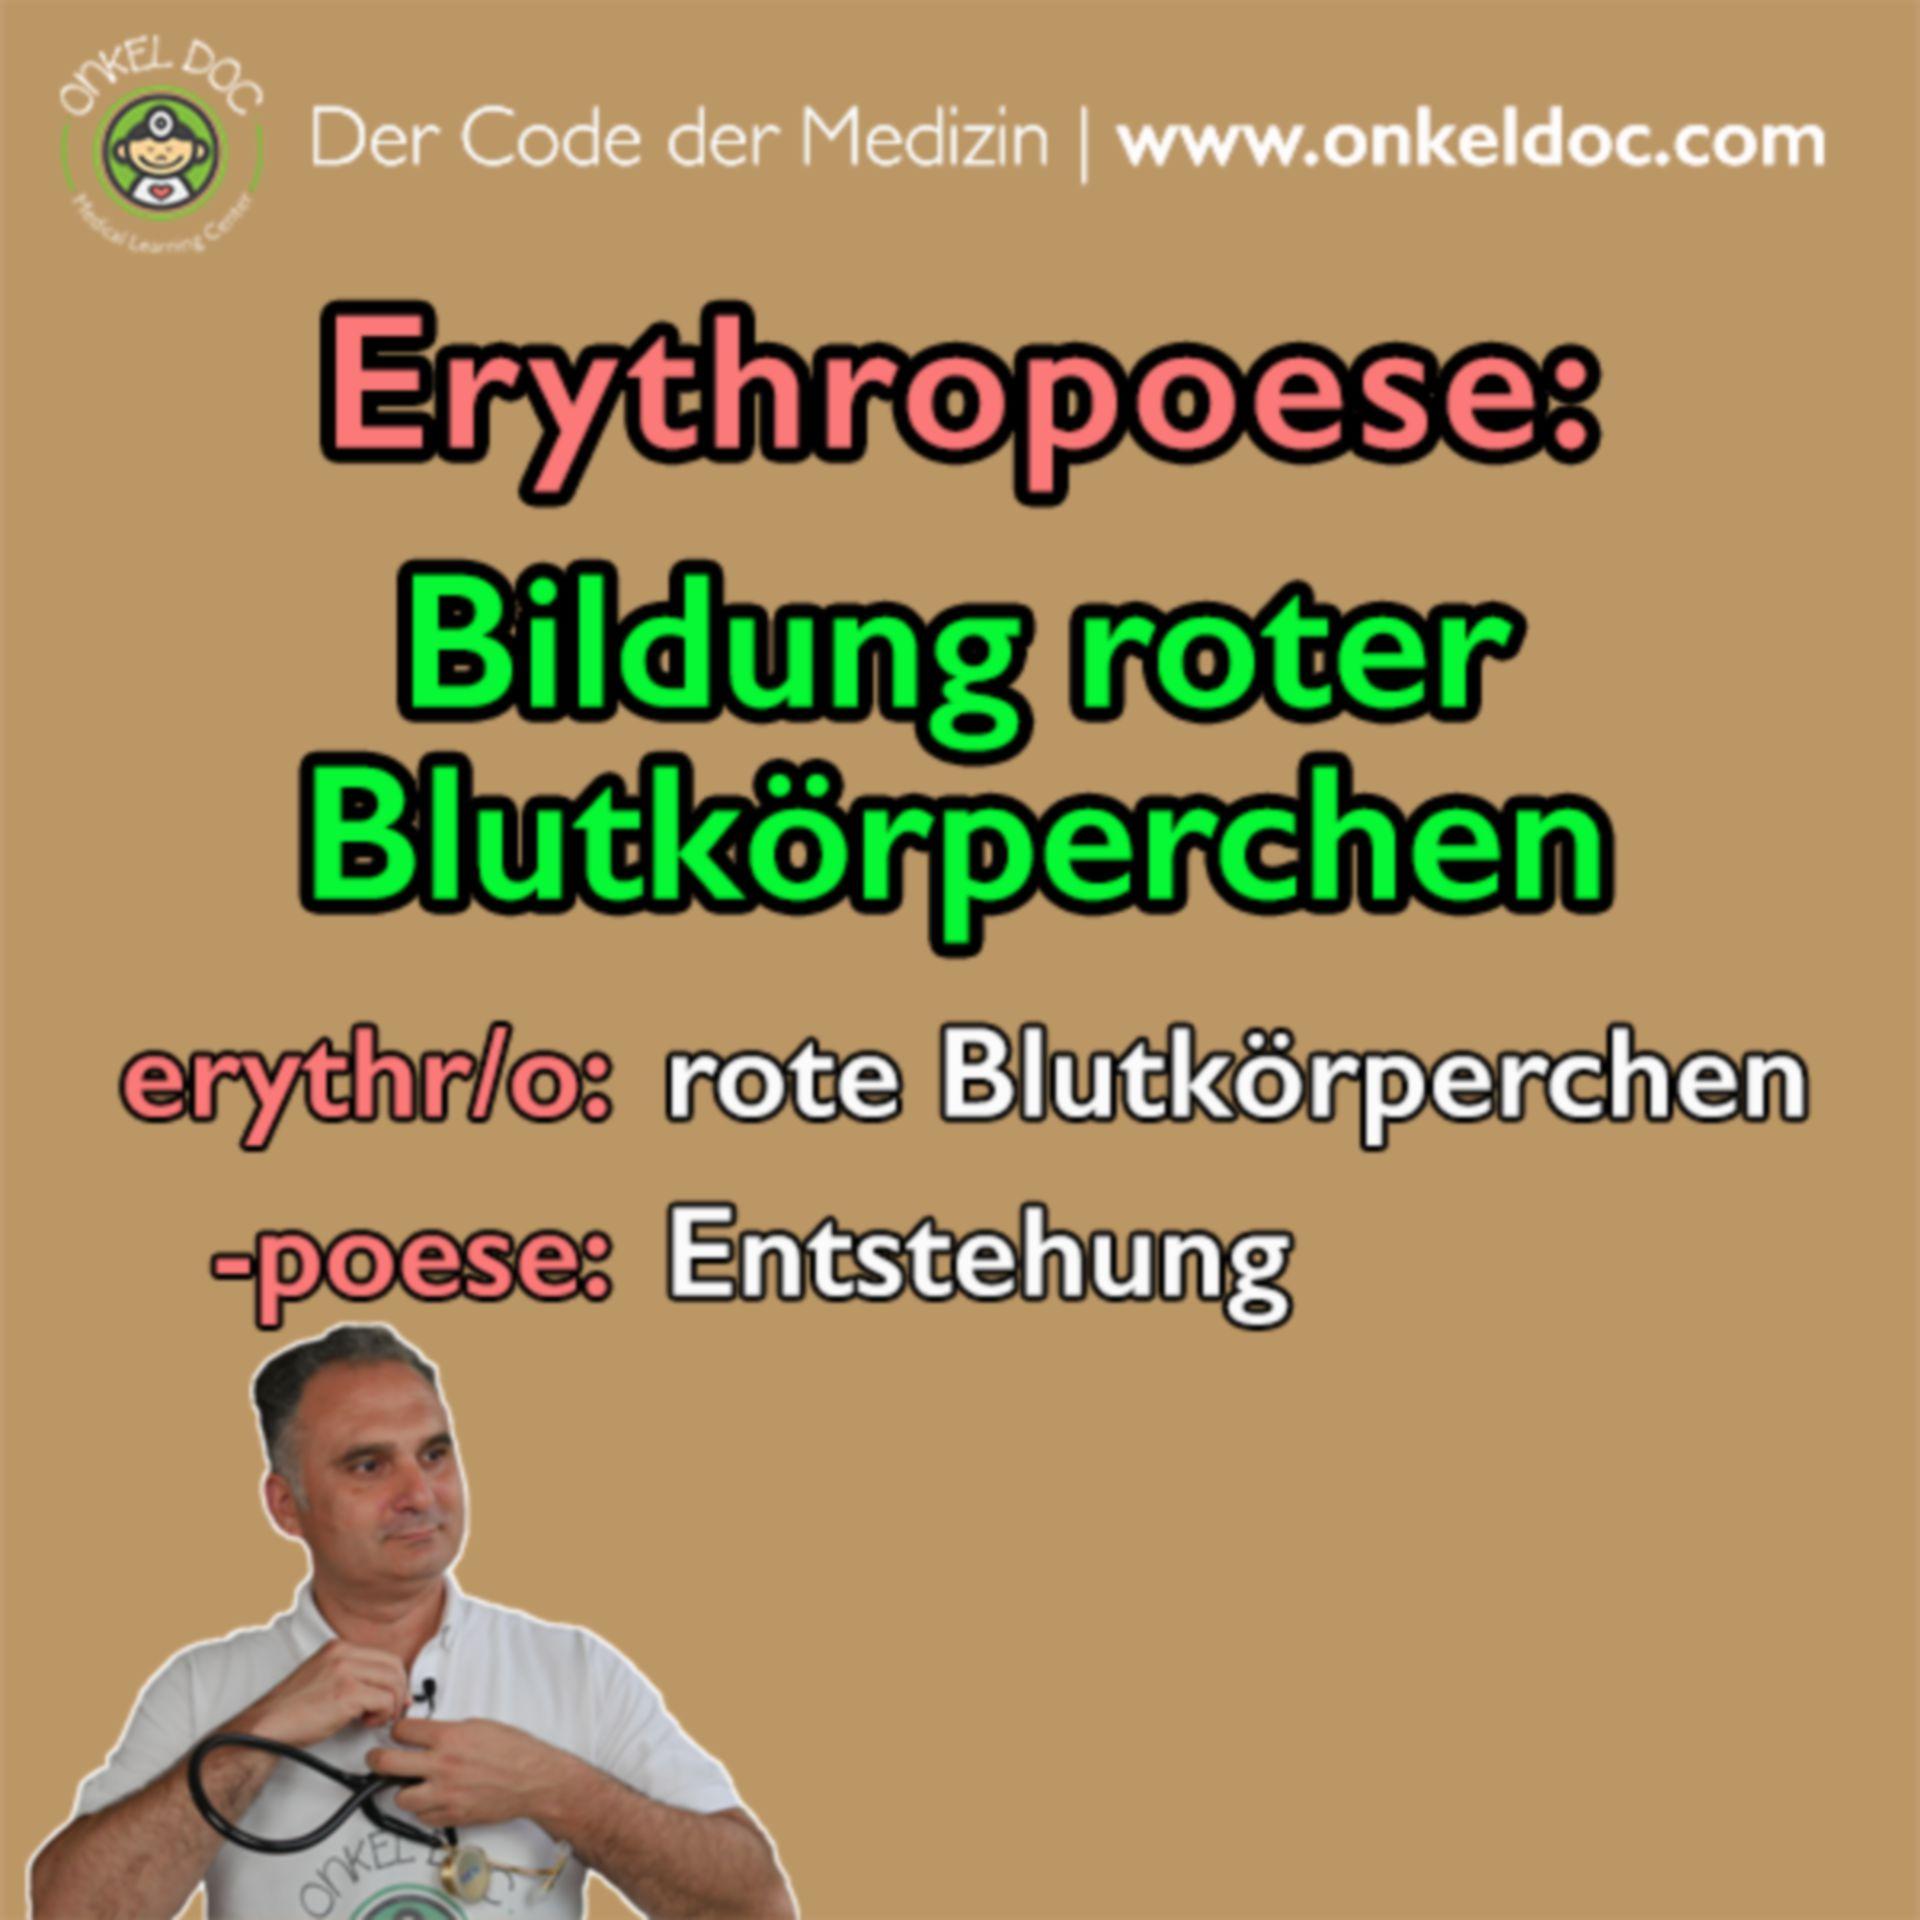 Der Code der Erythropoese